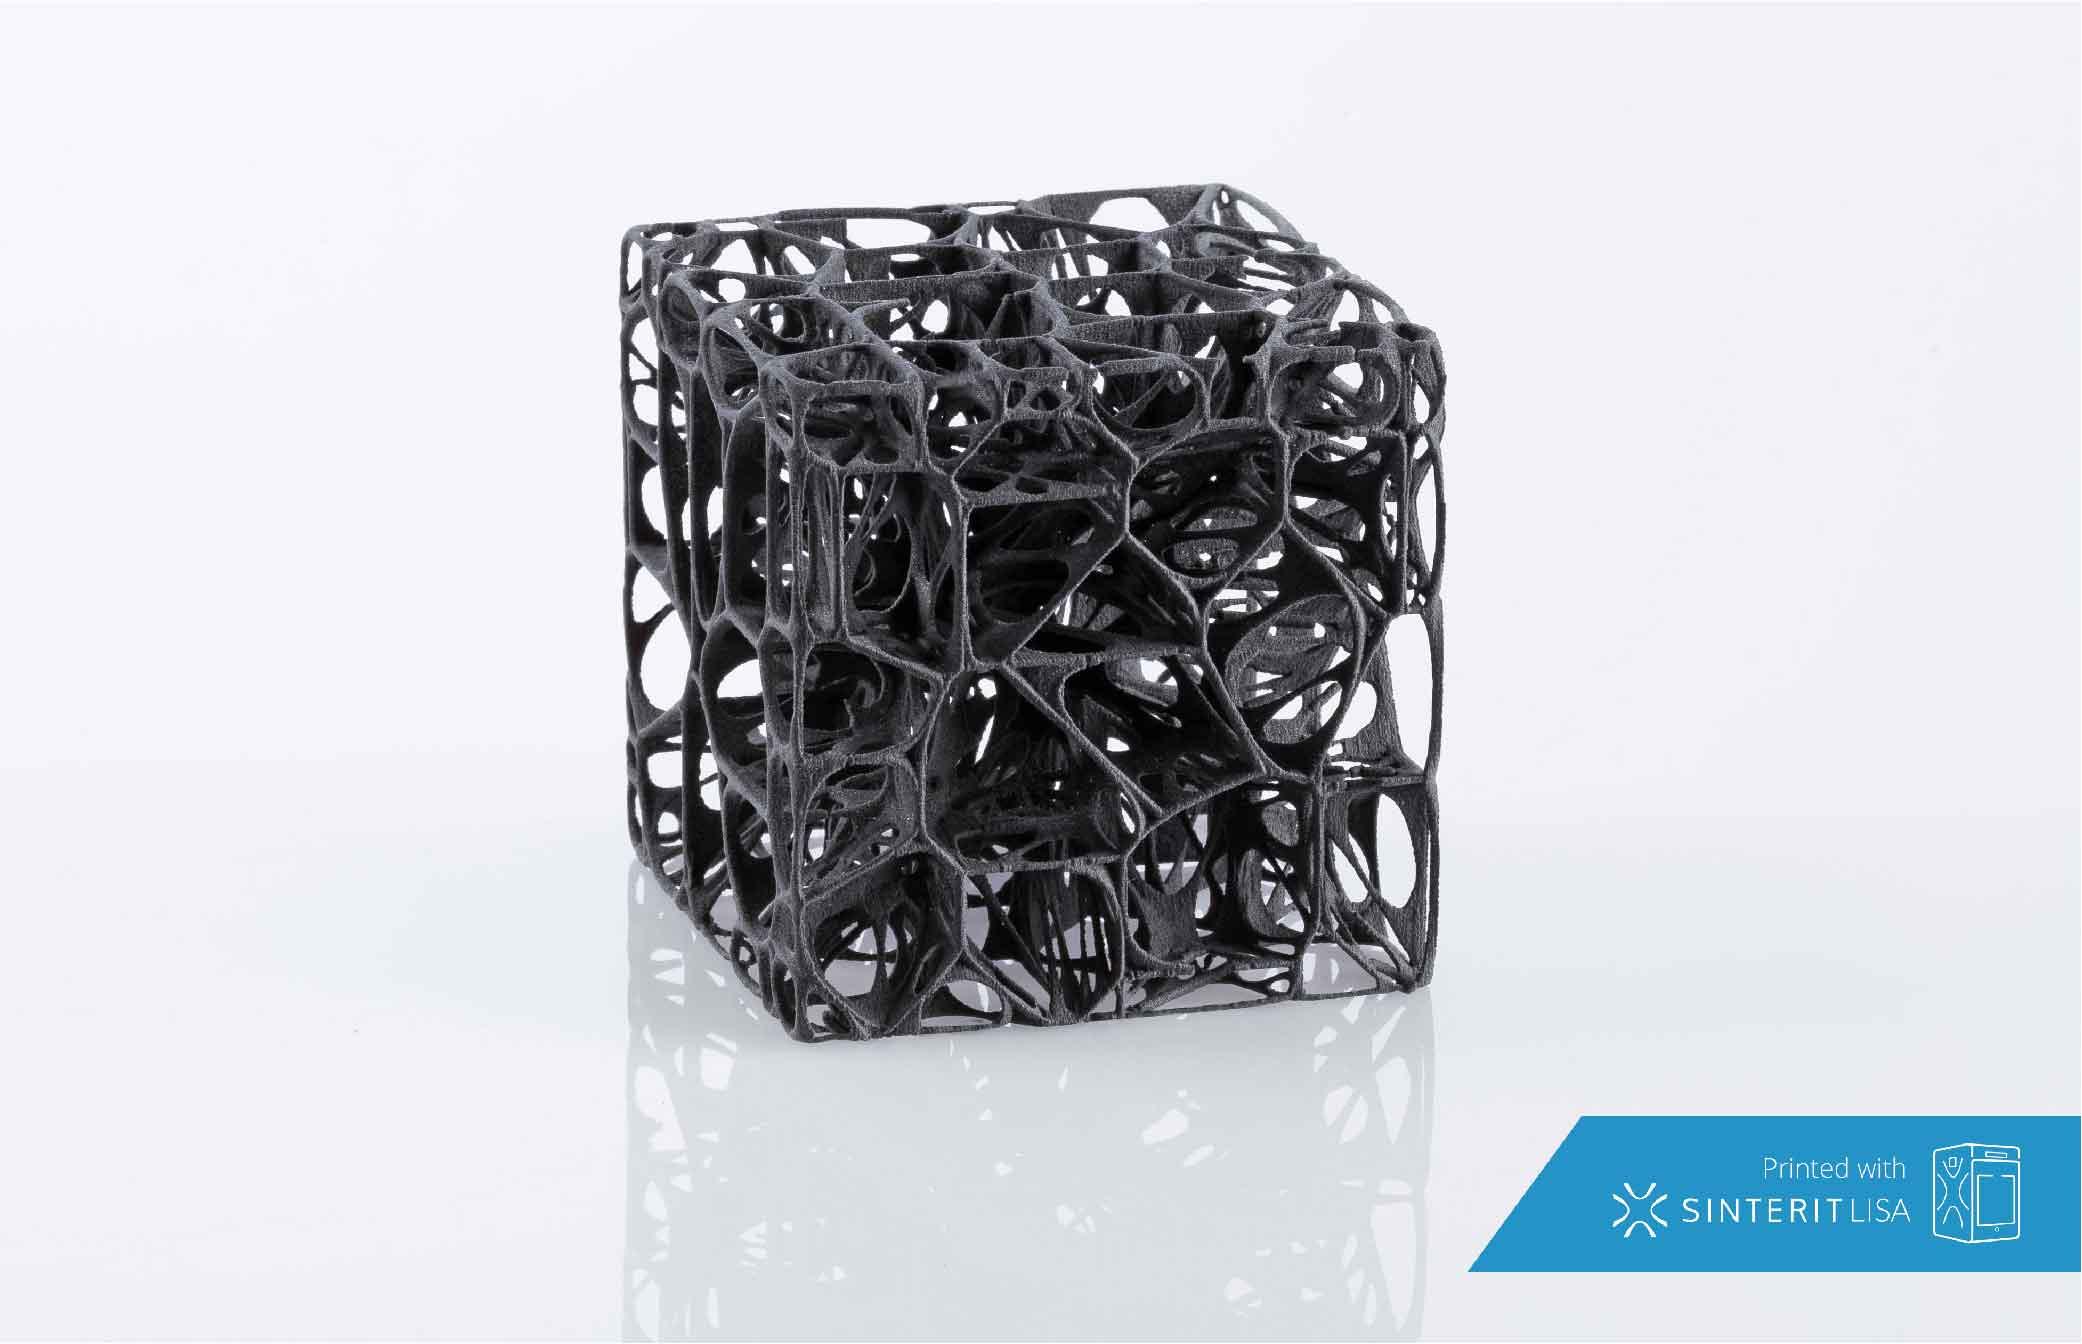 sinterit_cube Kopie.jpg